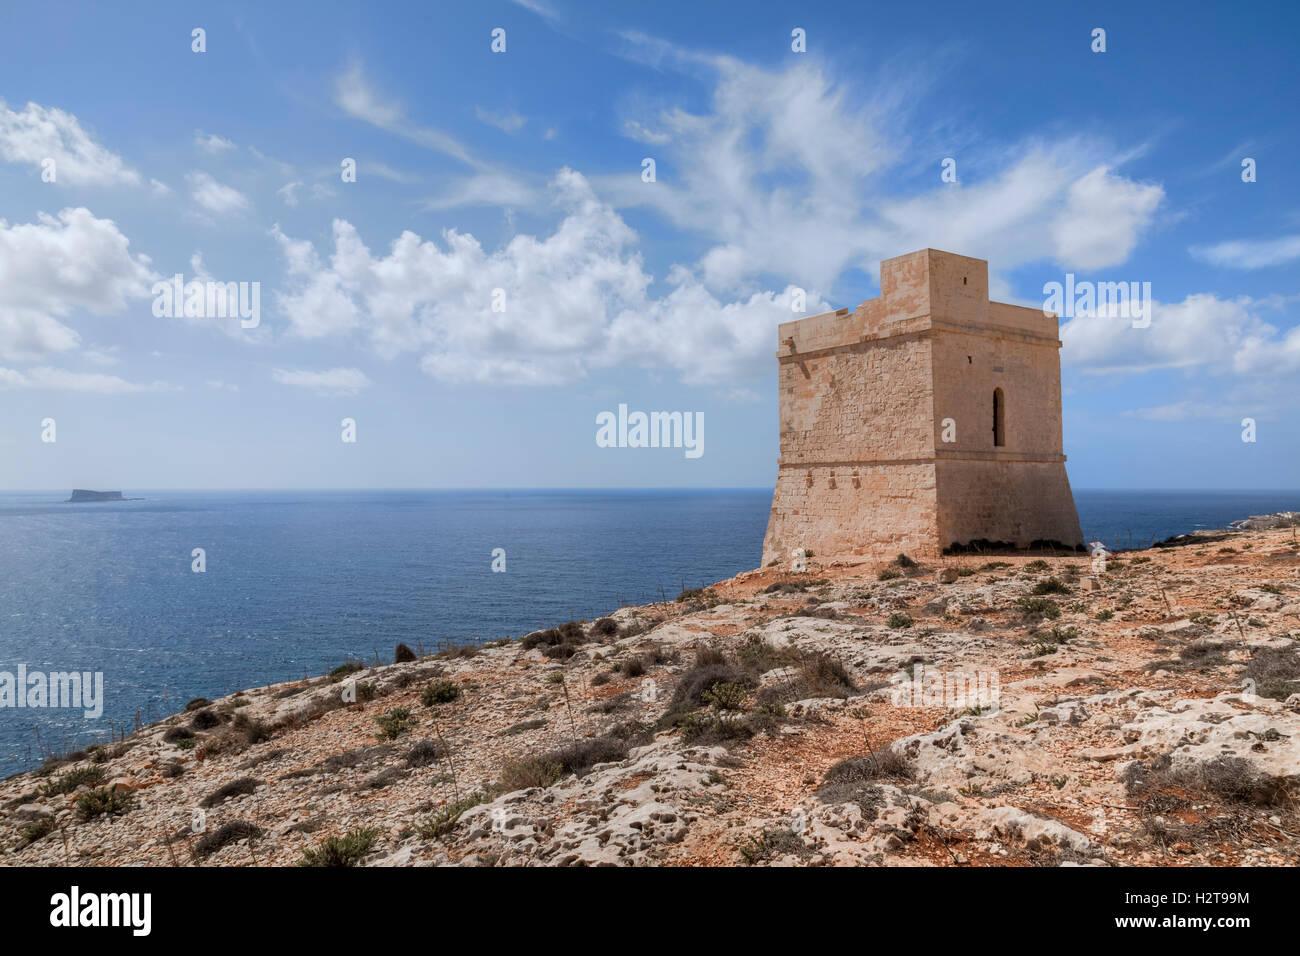 Tal-Hamrija Küste Turm, Mnajdra, Malta Stockbild